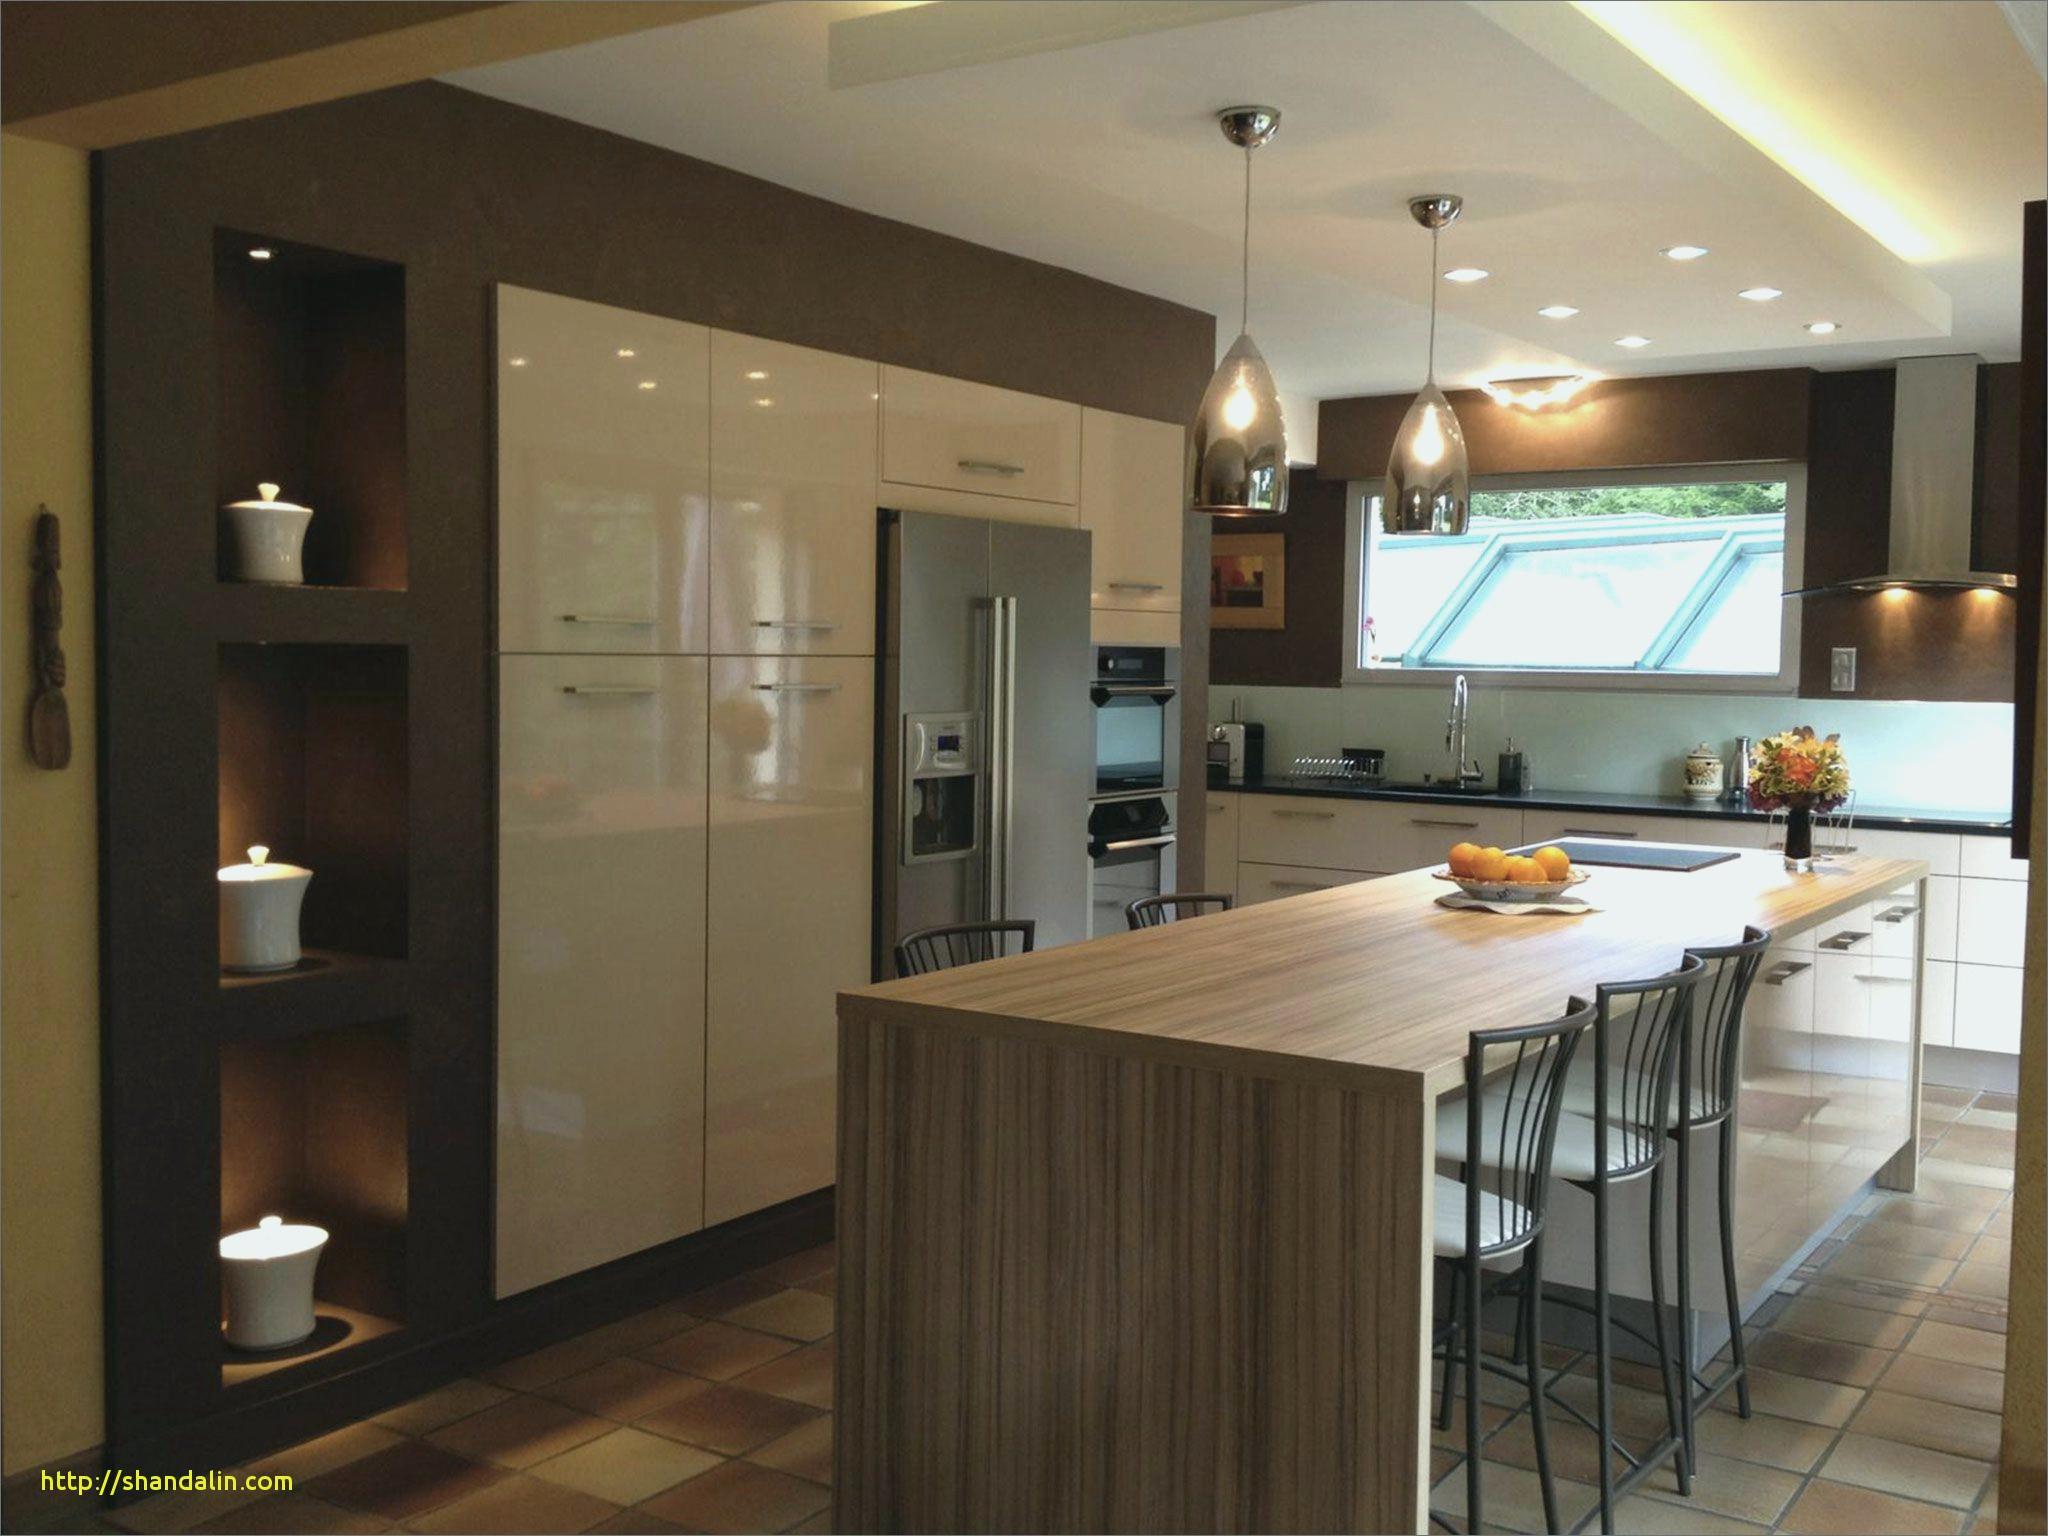 Ikea Cuisine Ilot Impressionnant Galerie Cuisine Avec Ilot Central Ikea Magnifique Cuisine Ilot Central Table